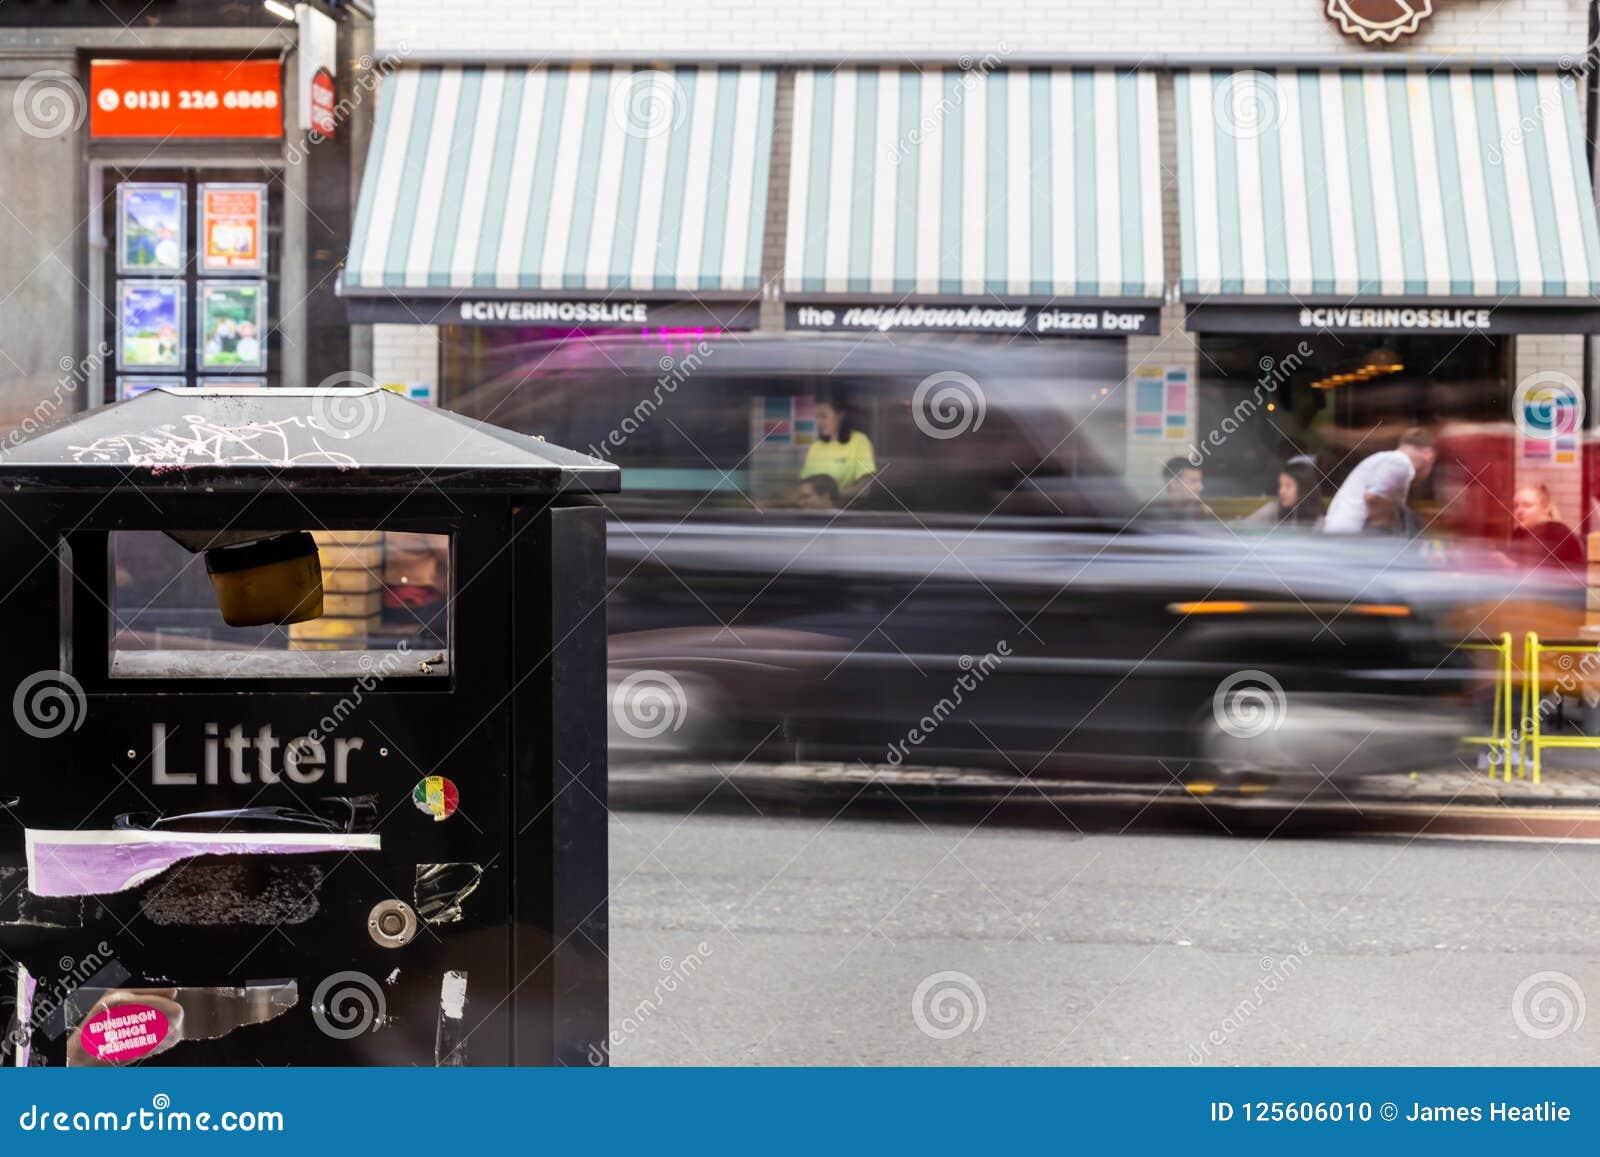 Δοχείο απορριμάτων στο πρώτο πλάνο με το μαύρο αμάξι που περνά από πίσω